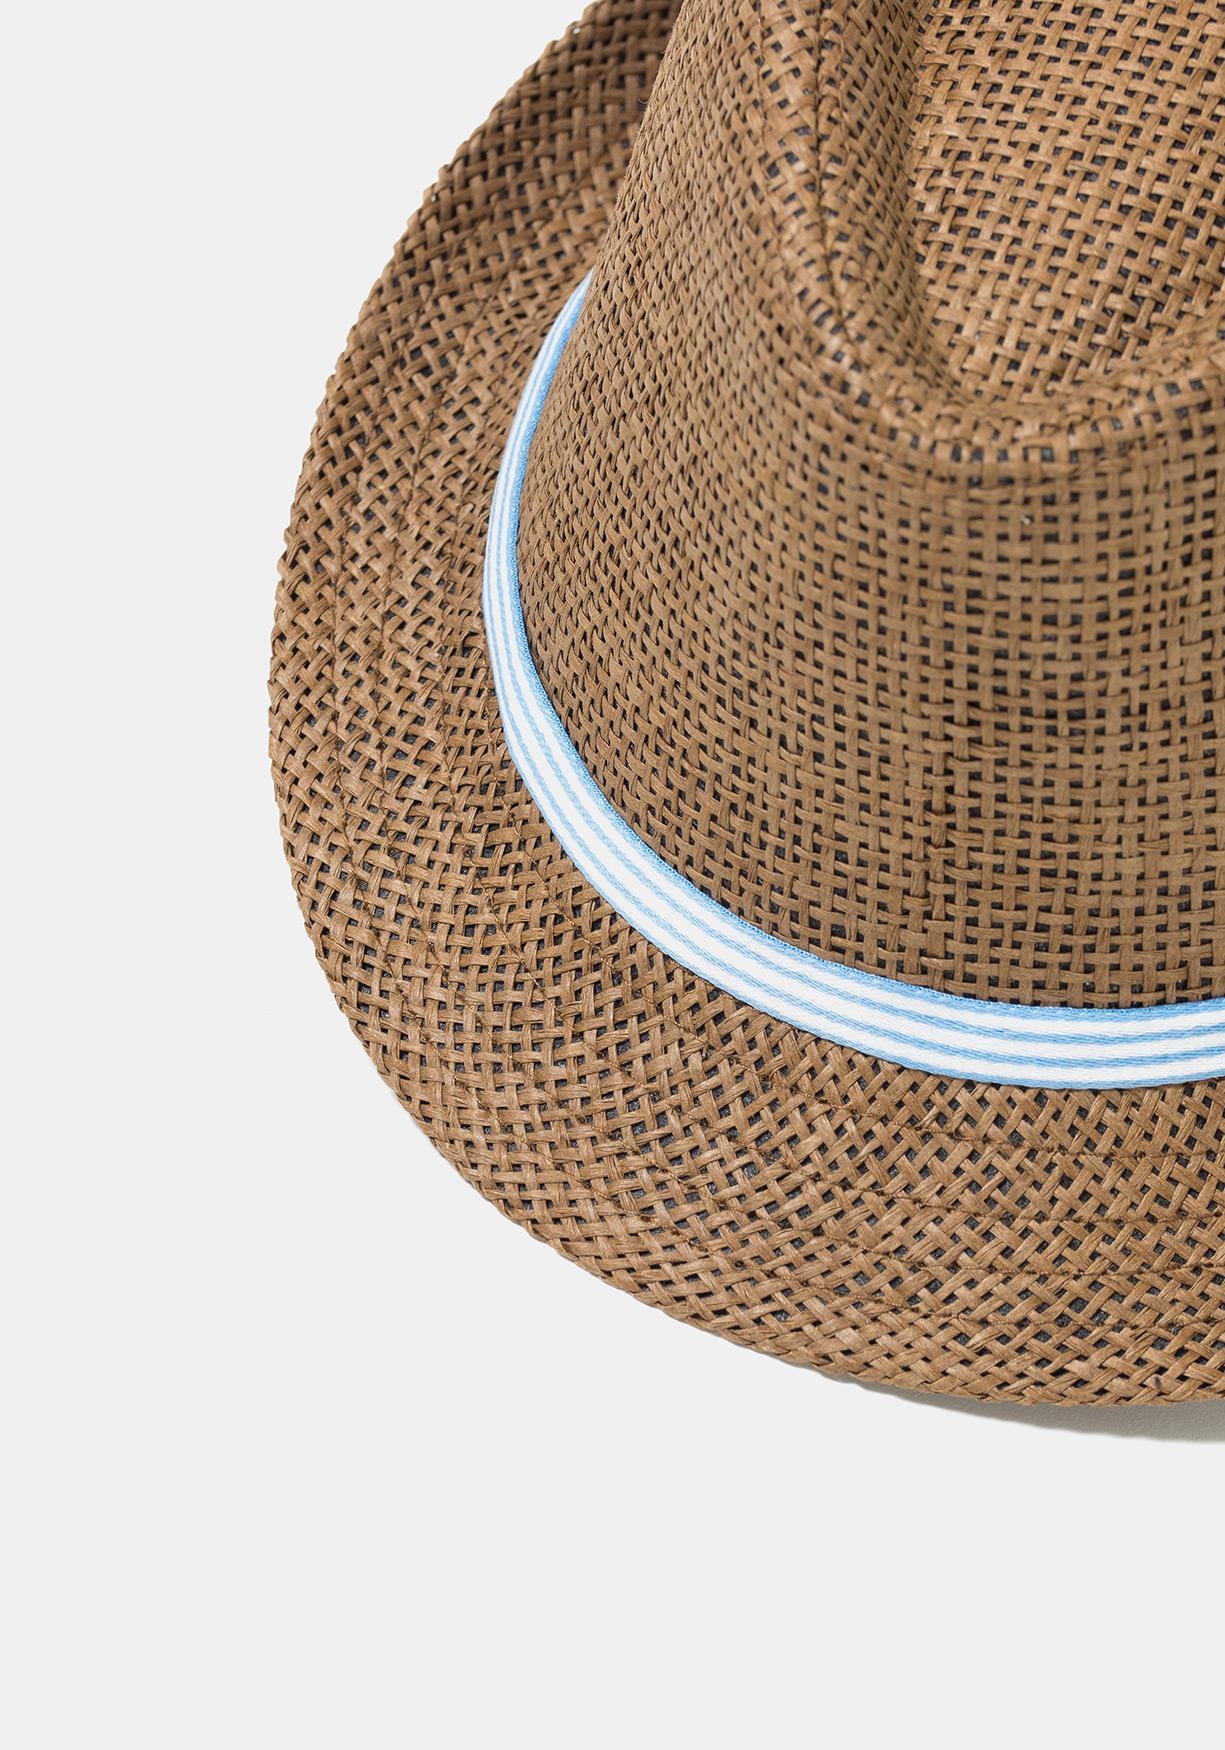 b4edbce618423 Comprar Sombrero borsalino TRADE. ¡Aprovéchate de nuestros precios y ...